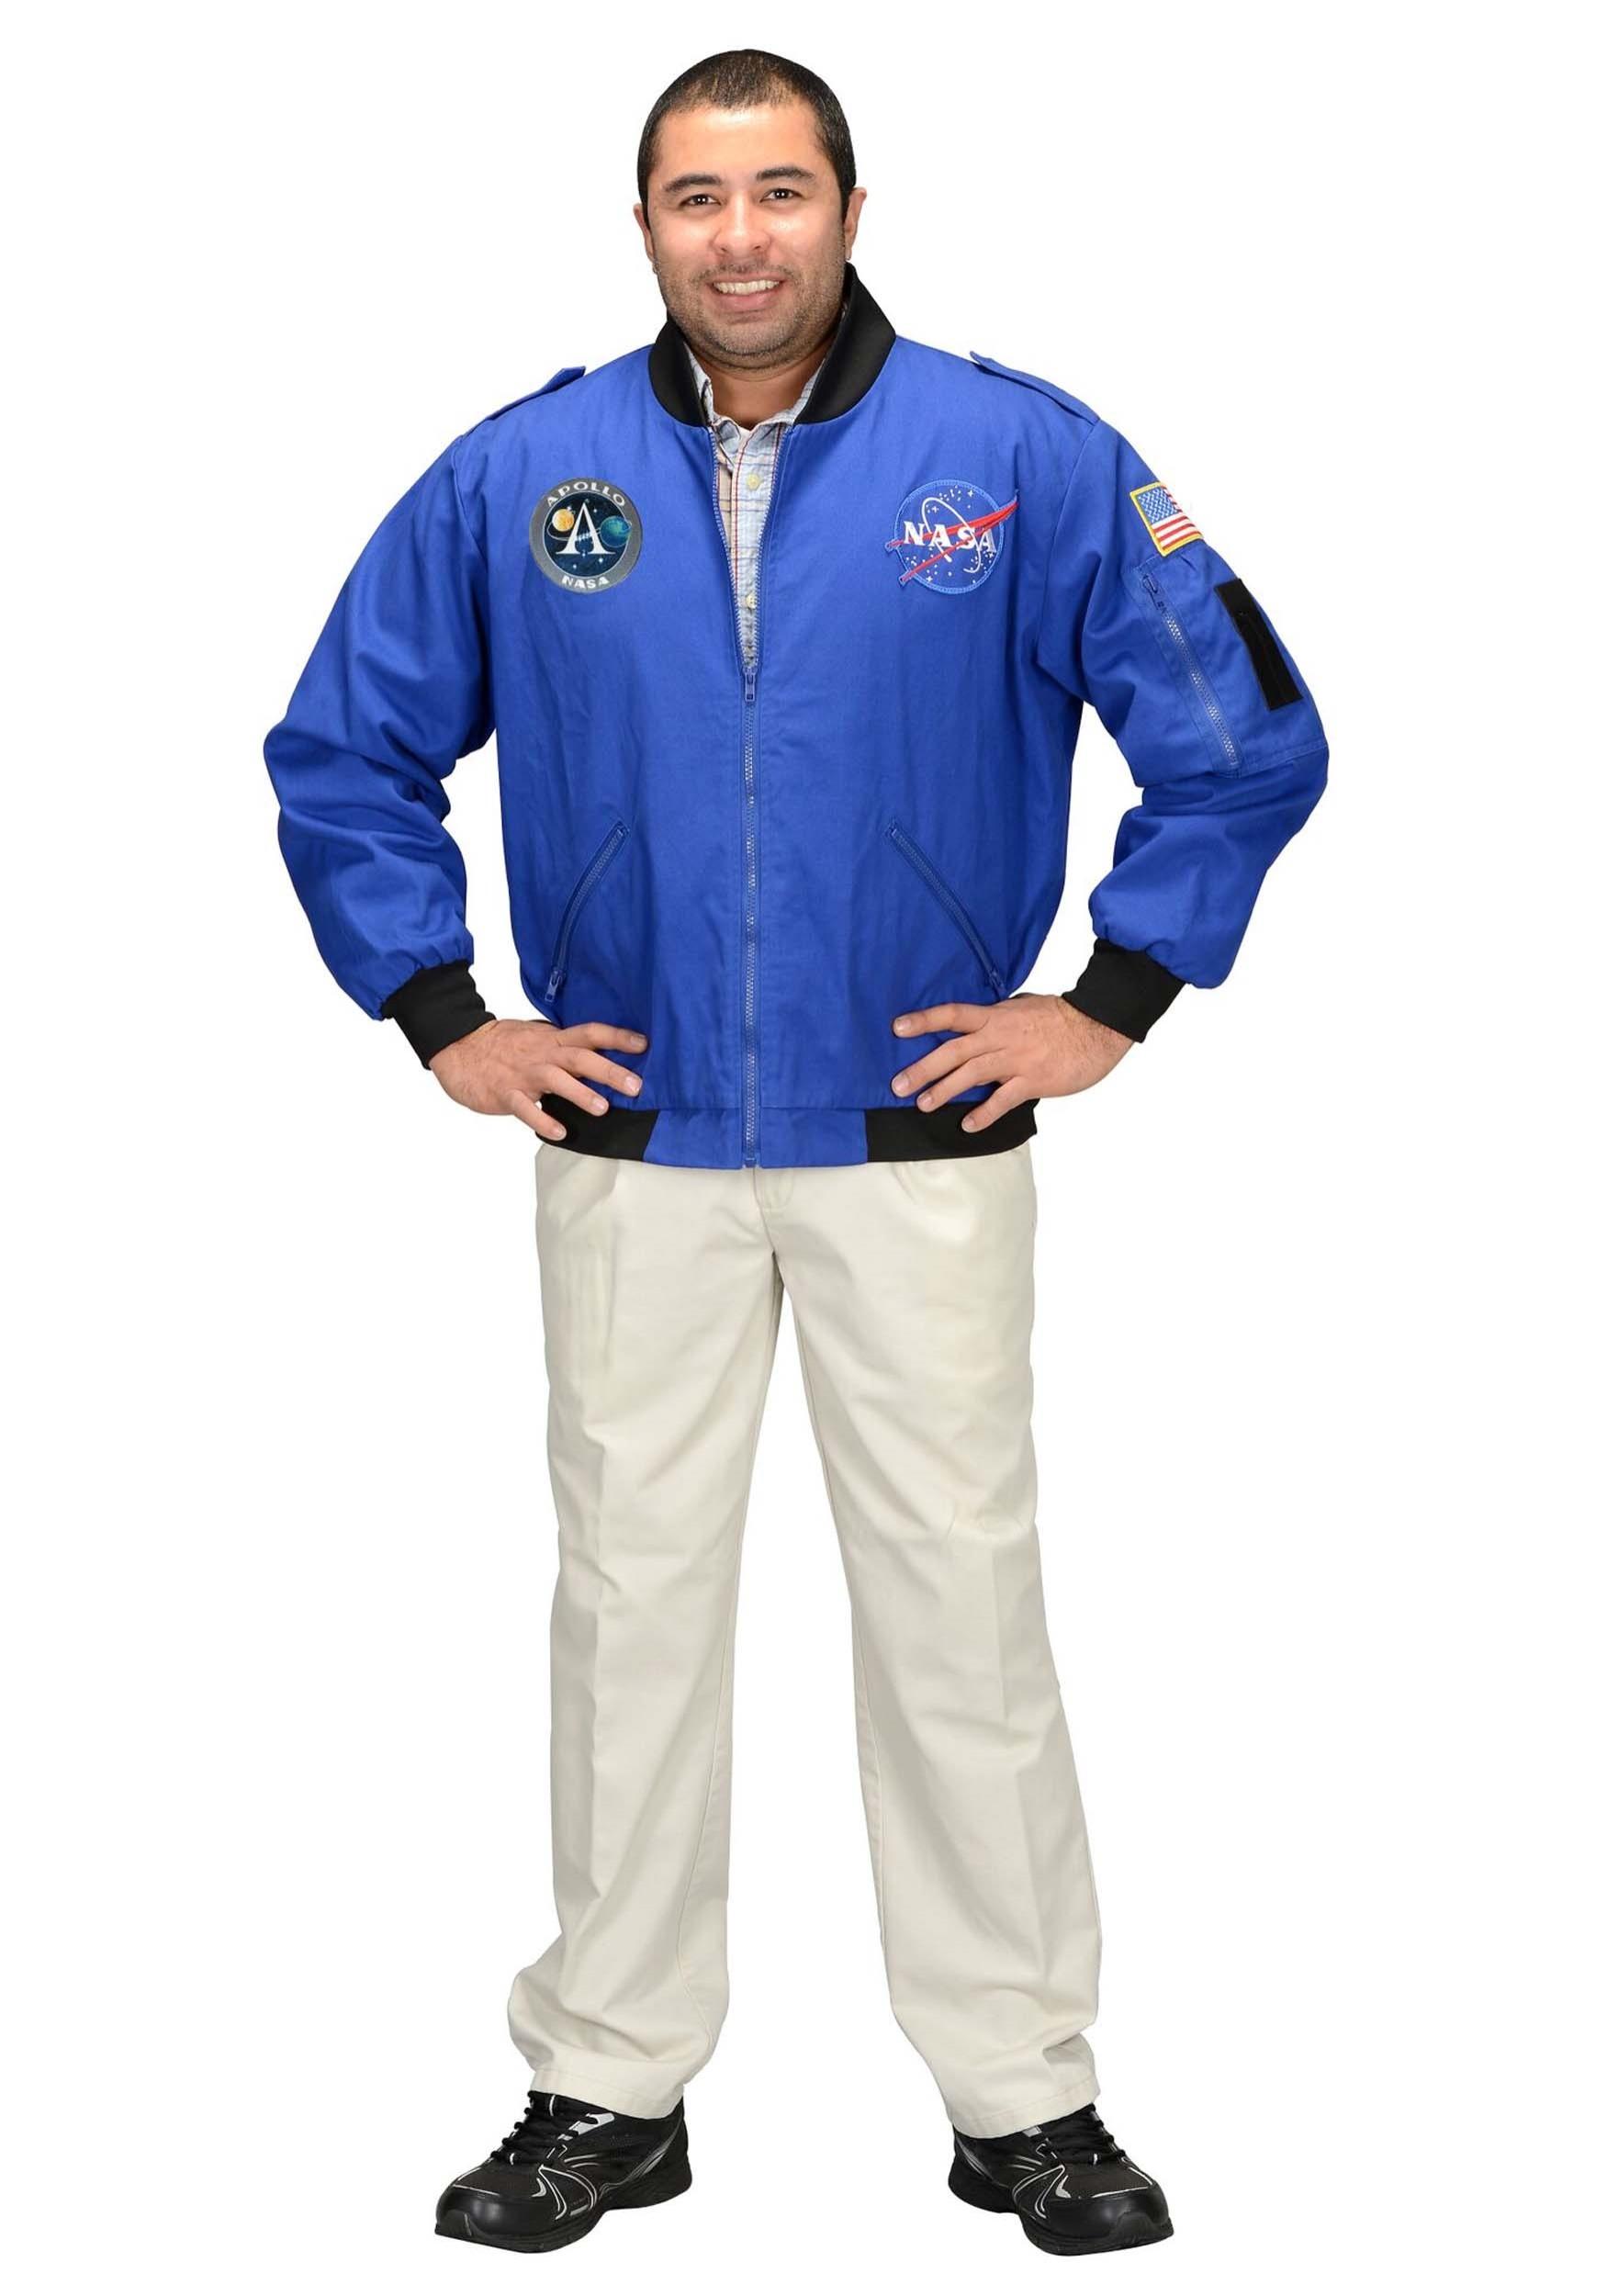 nasa apollo jacket replica - photo #39